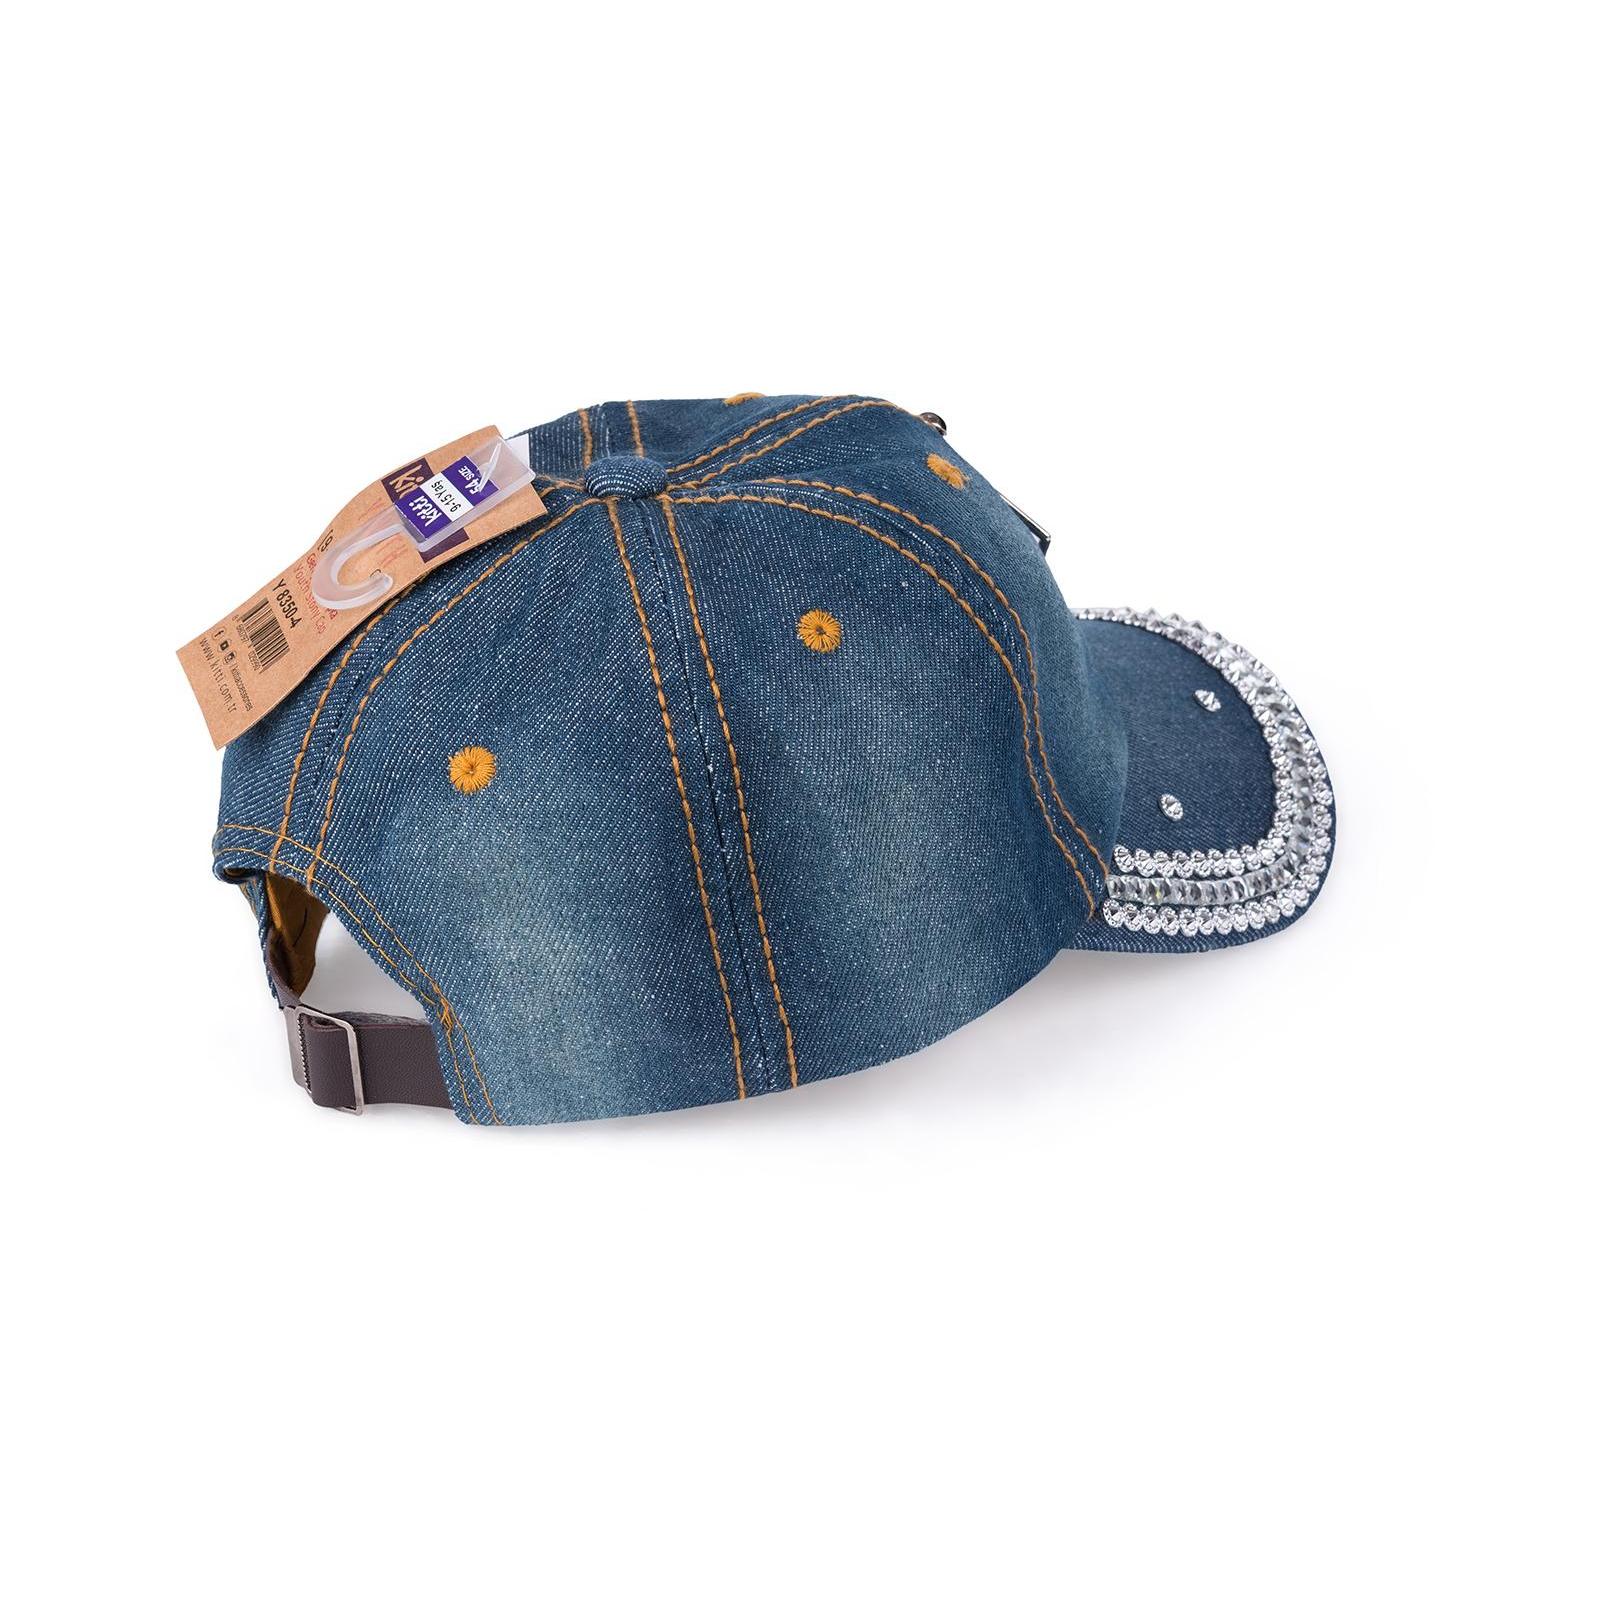 Кепка Kitti джинсовая со стразами (Y8350-4-54G-darkblue) изображение 2